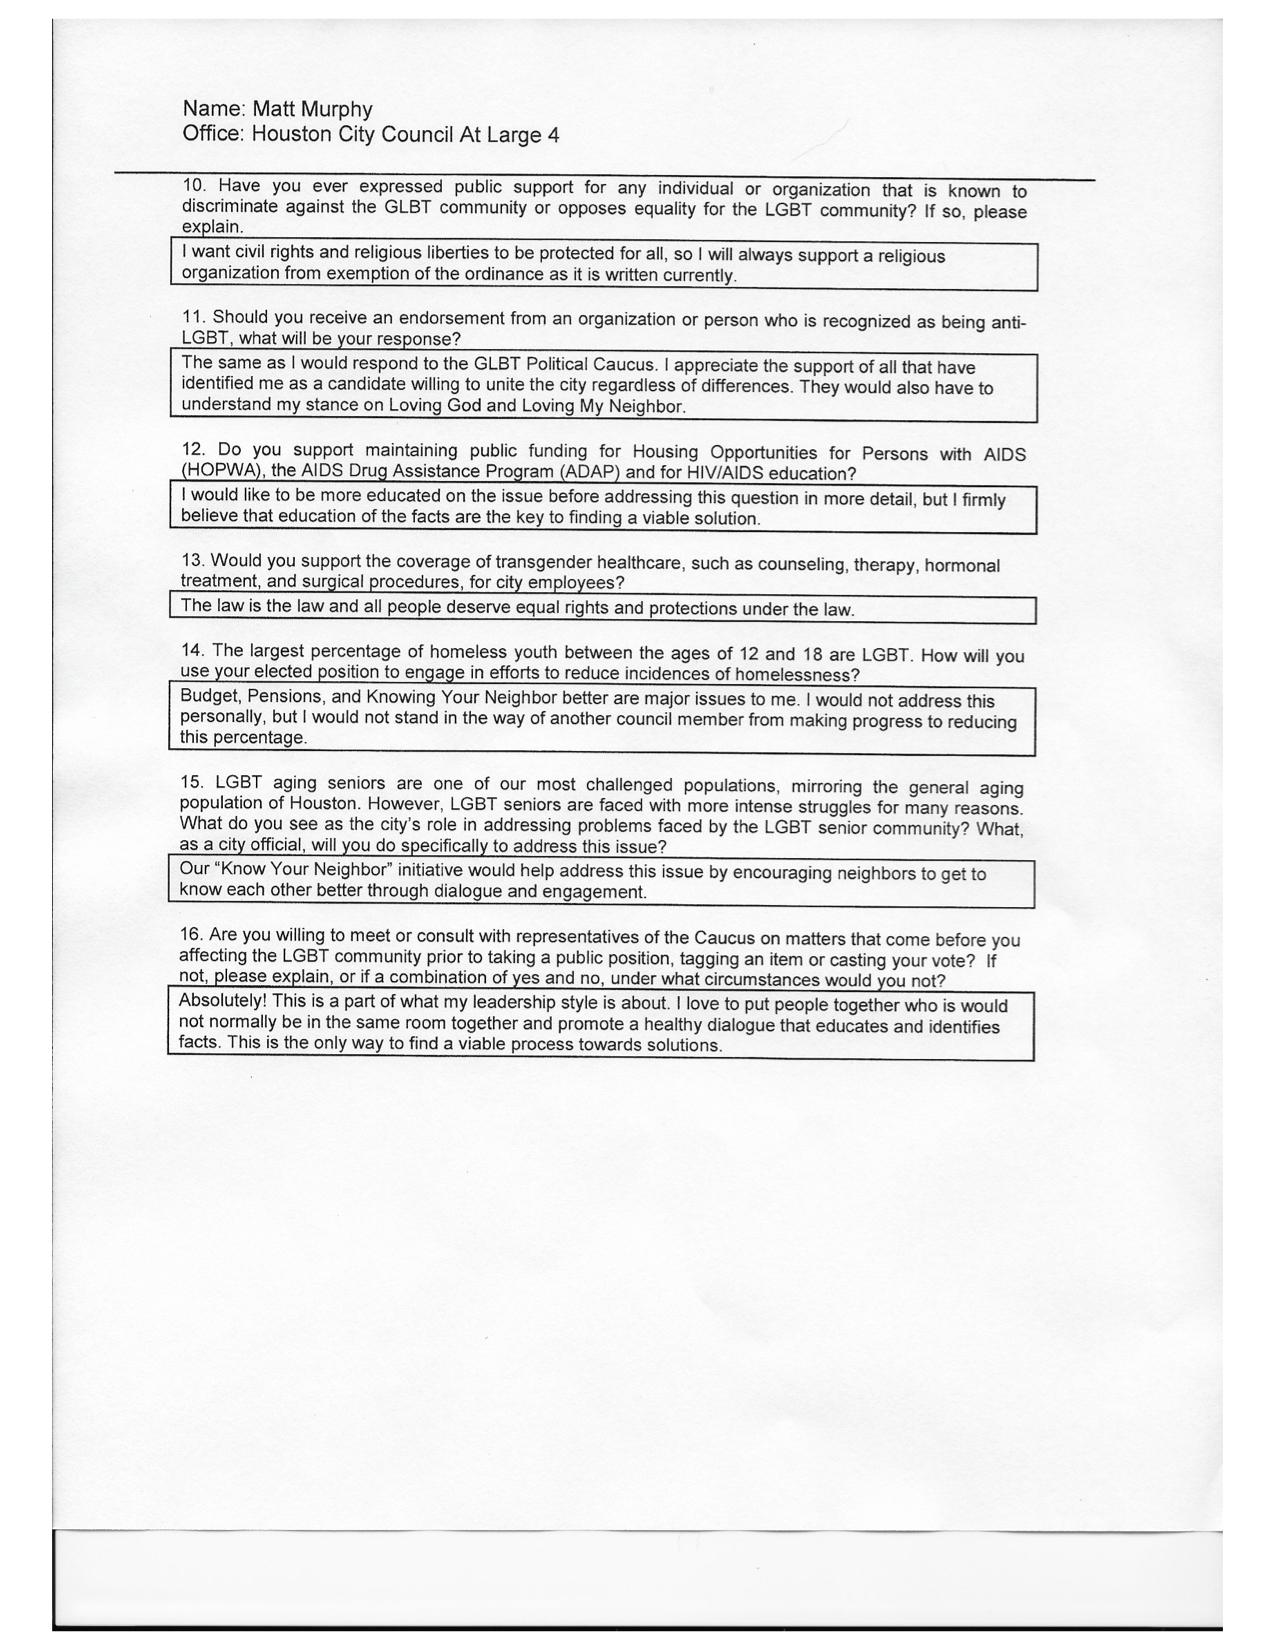 Matt_Murphy_2015_GLBT_Political_Caucus_Candidate_Questionnaire_Page_7.jpg